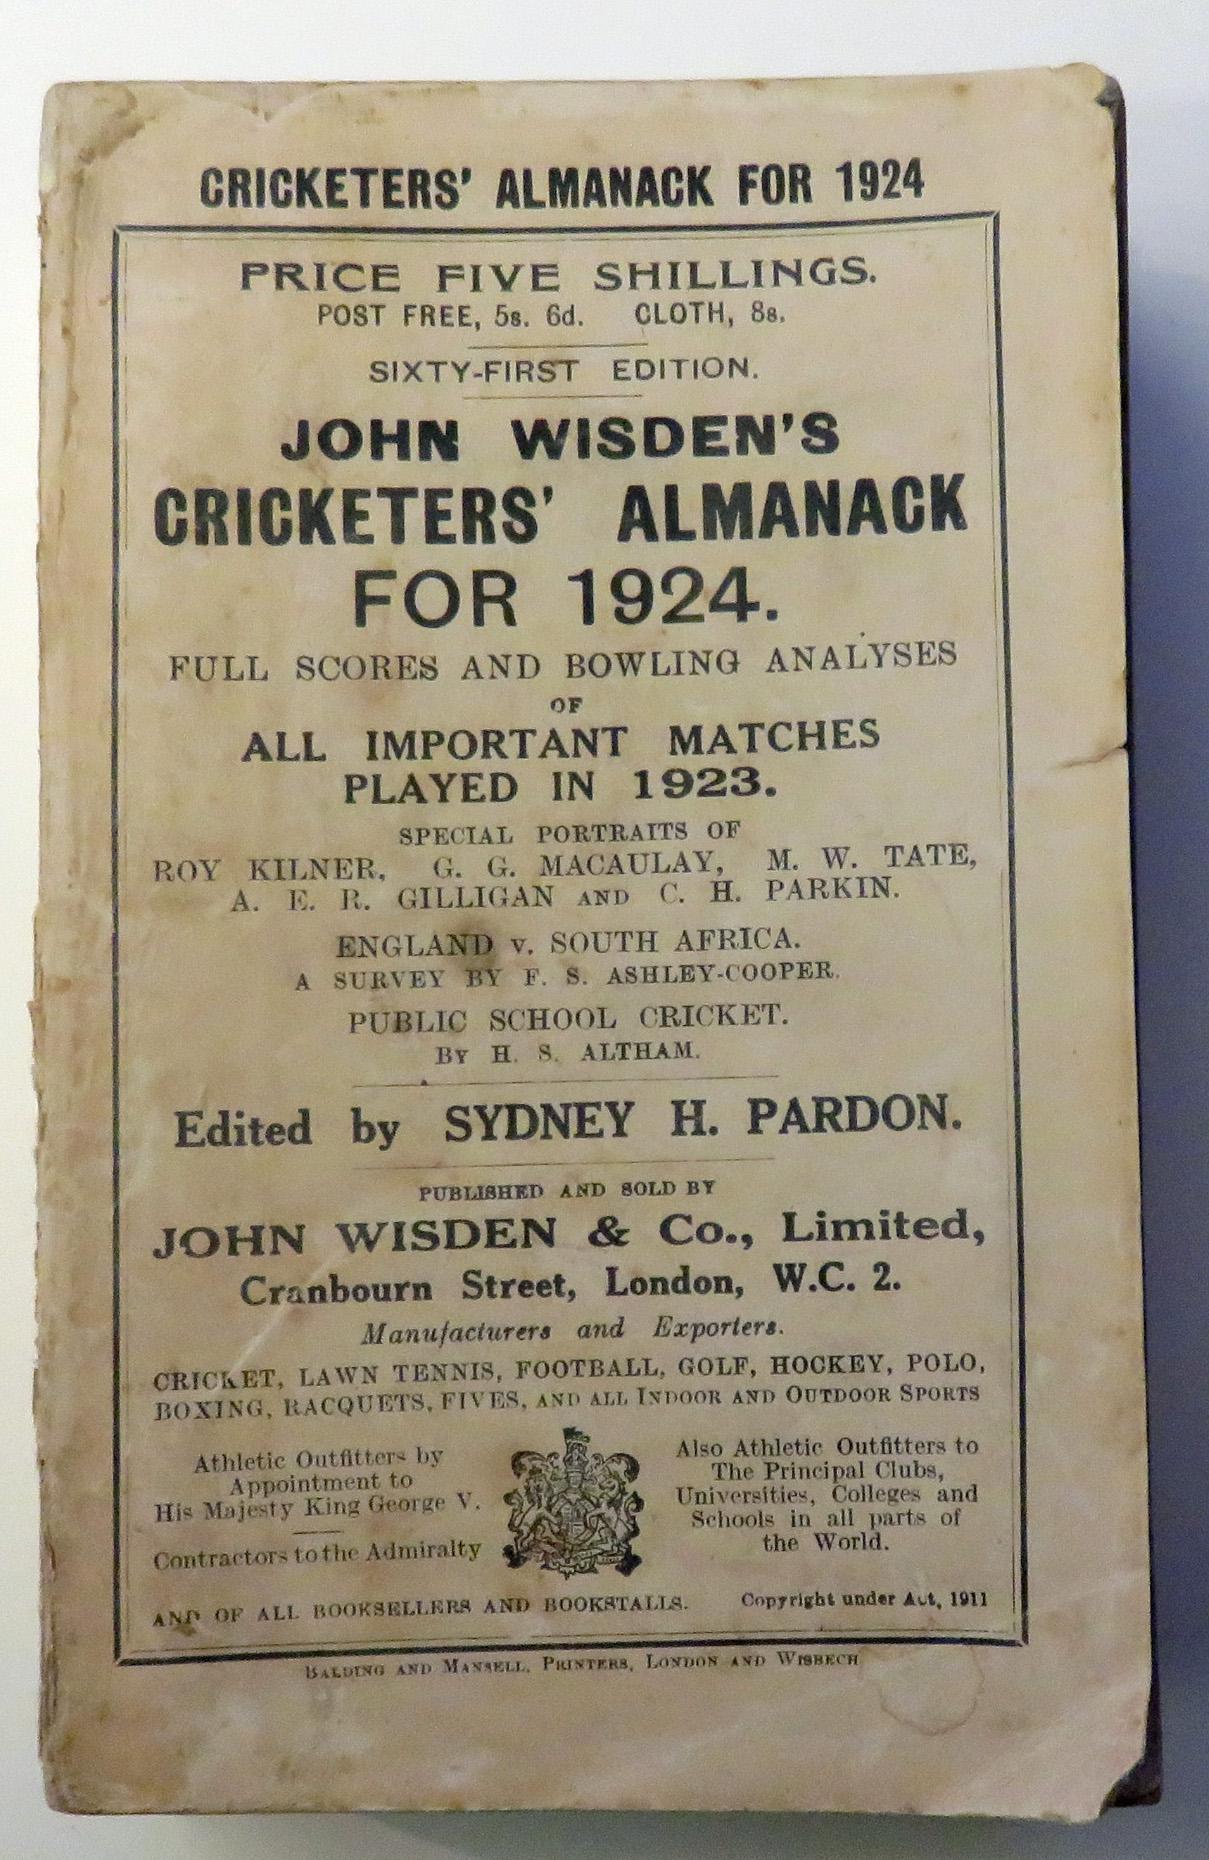 John Wisden's Cricketers' Almanack For 1924